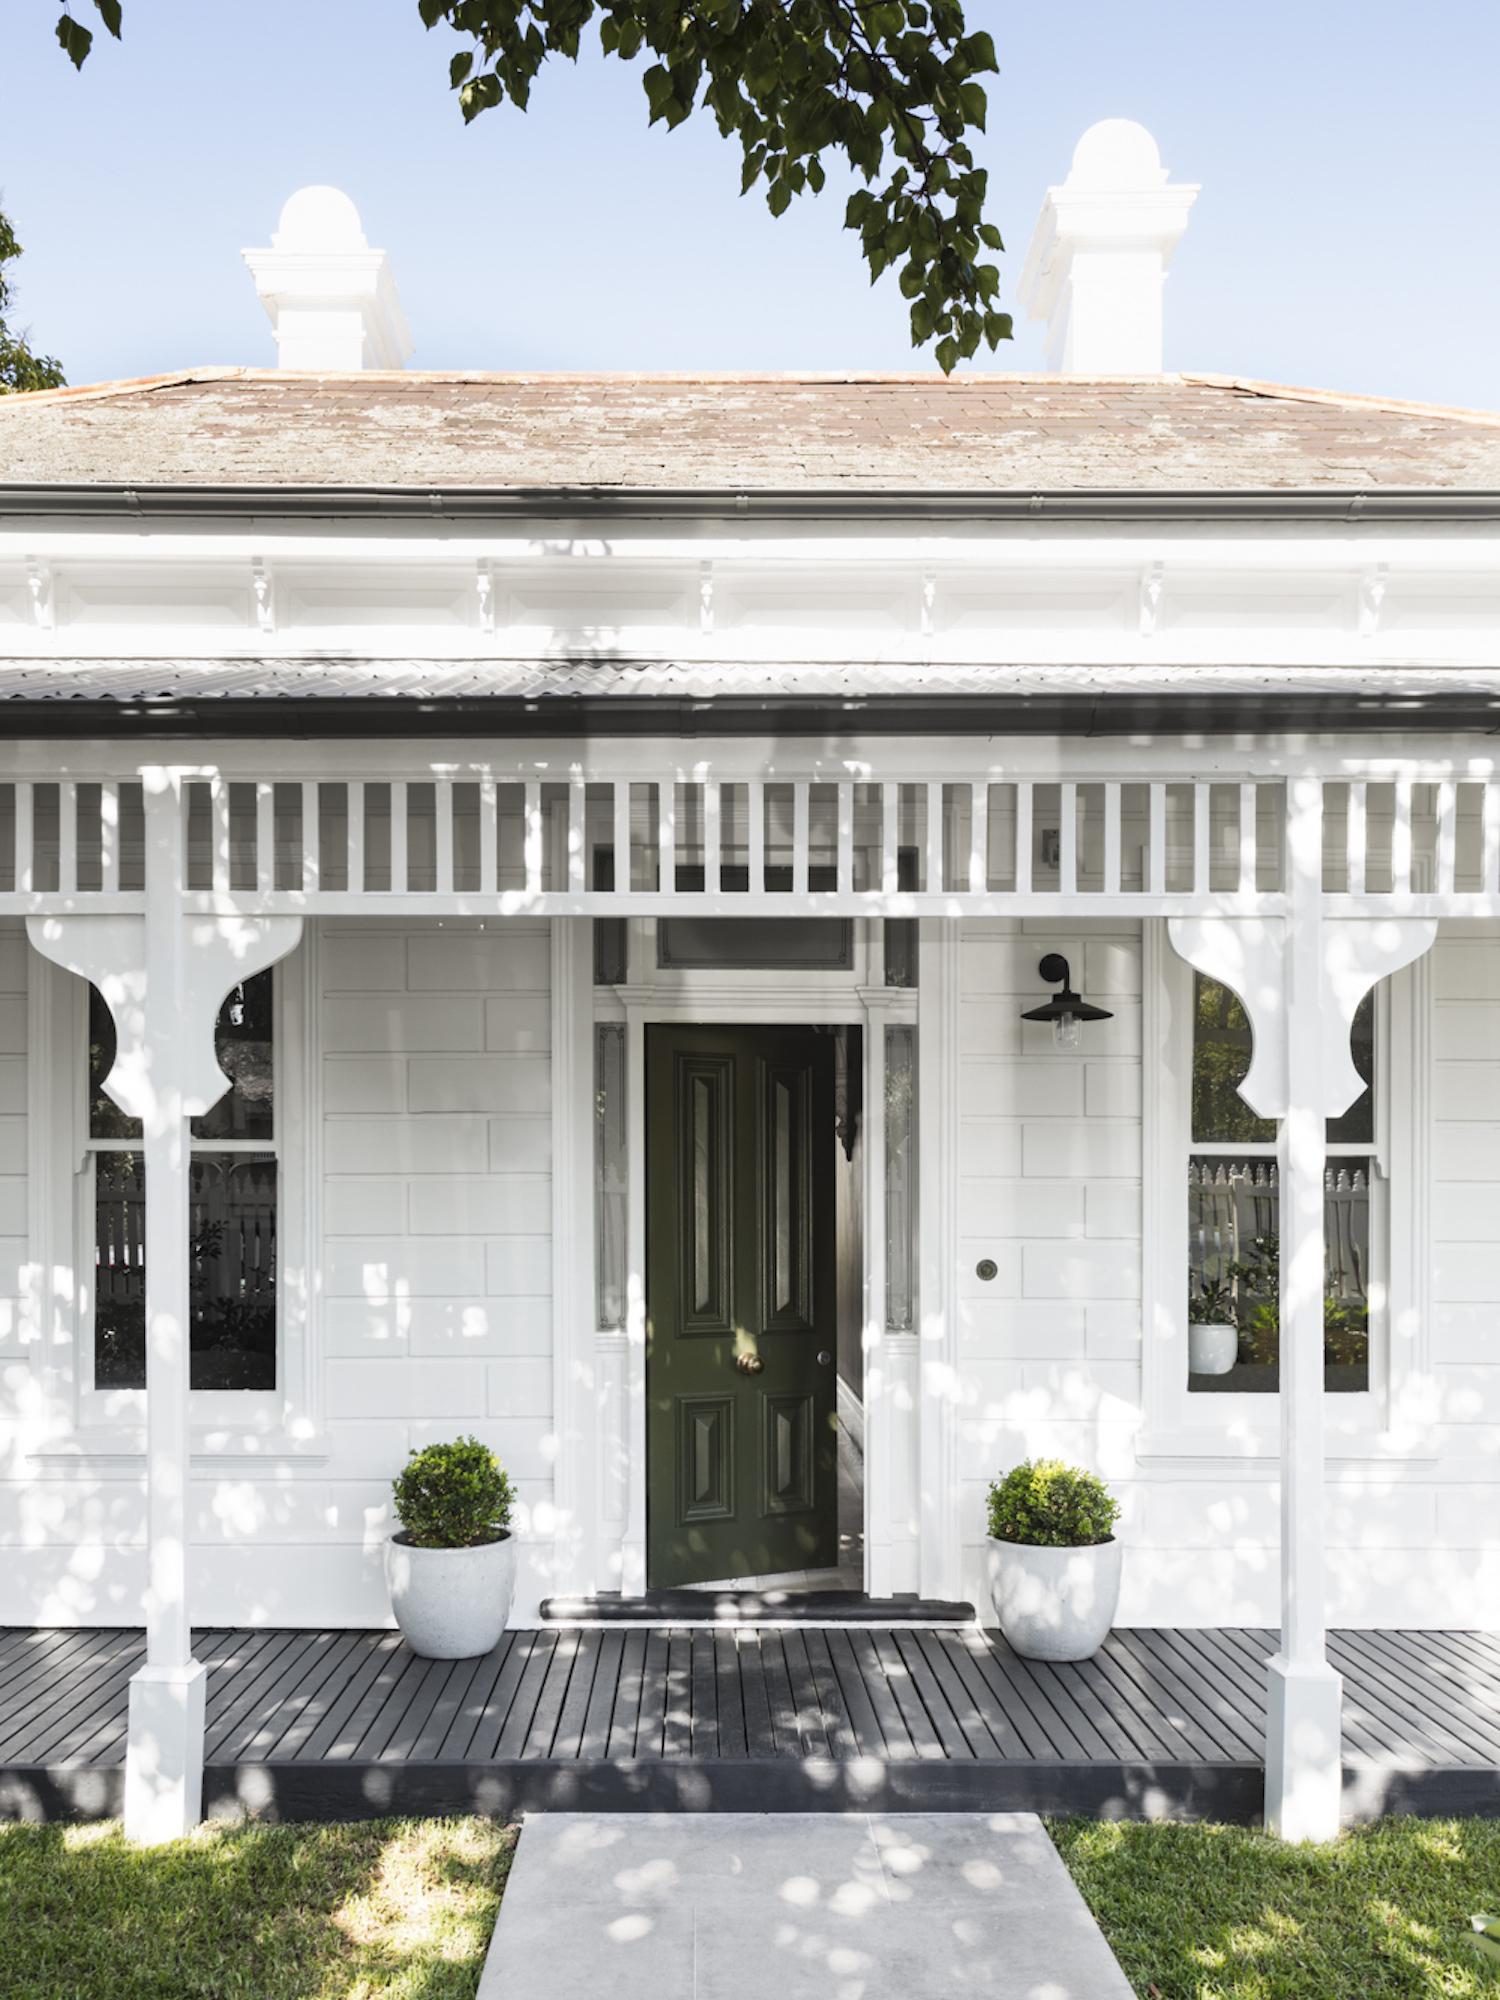 The Family Home of Designer Ali Ross